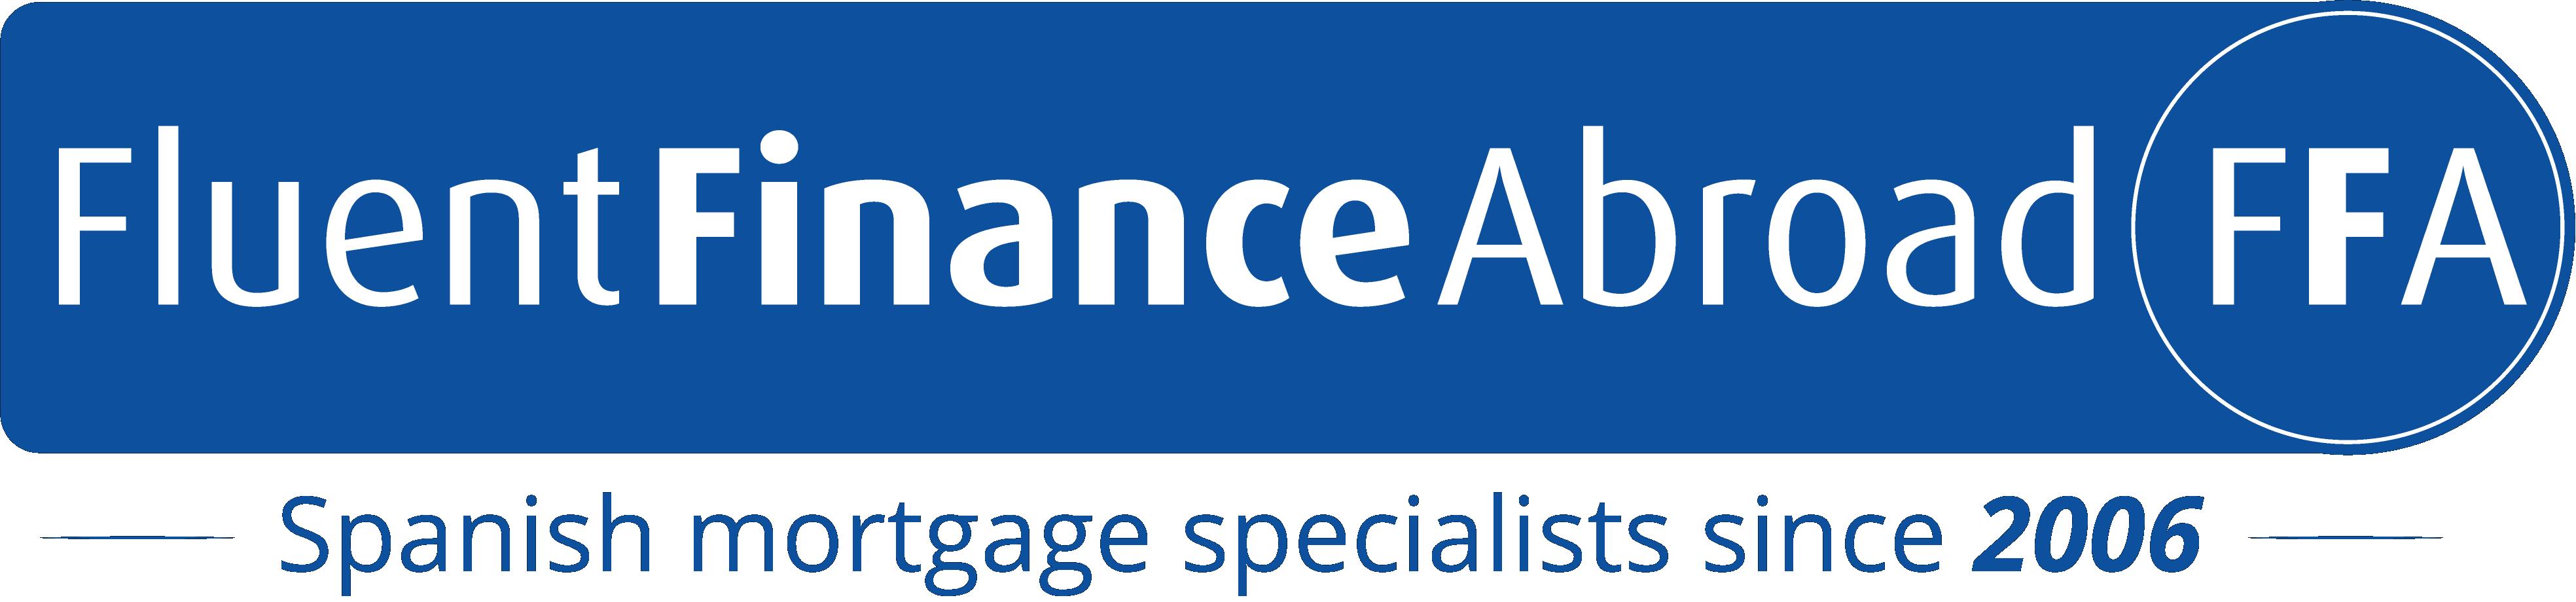 Fluent Finance